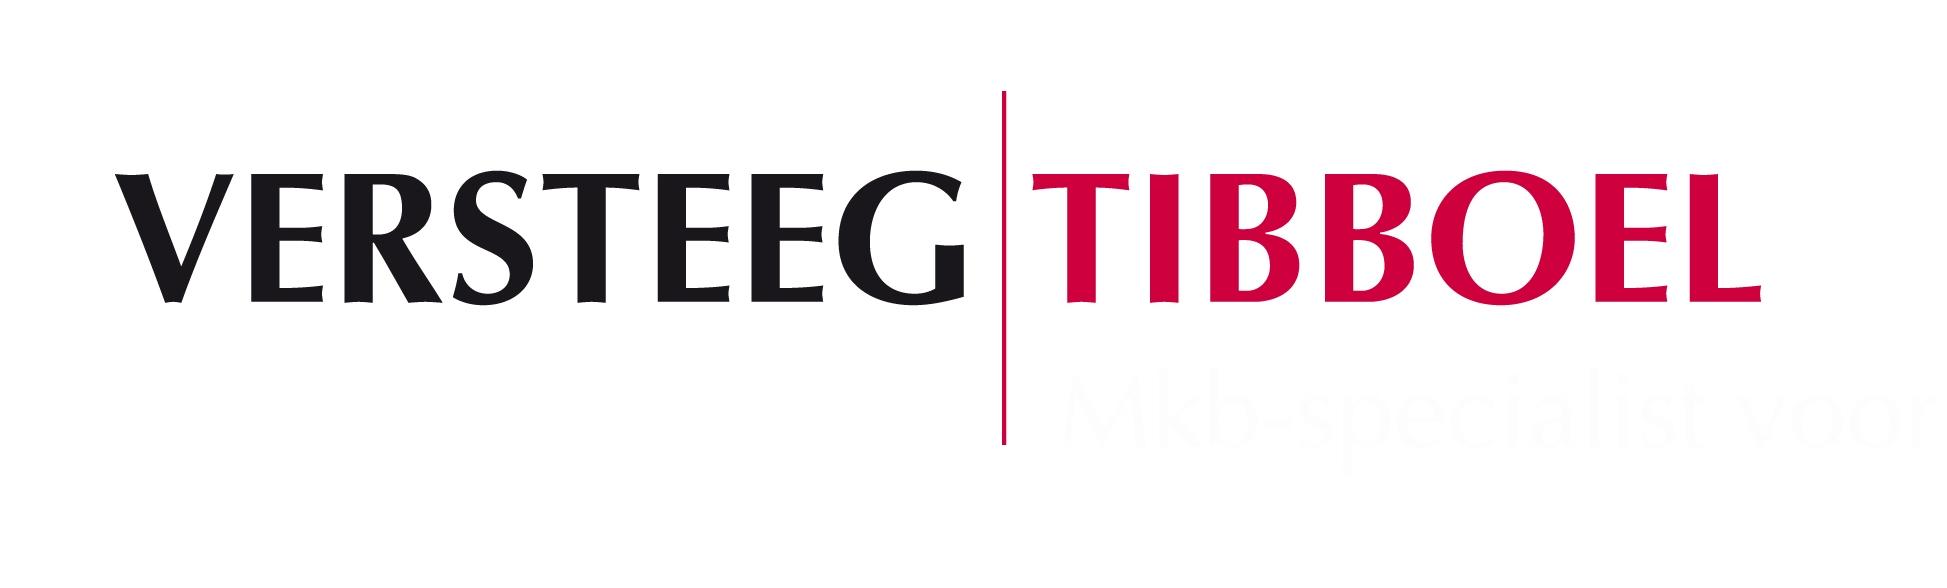 Versteeg & Tibboel